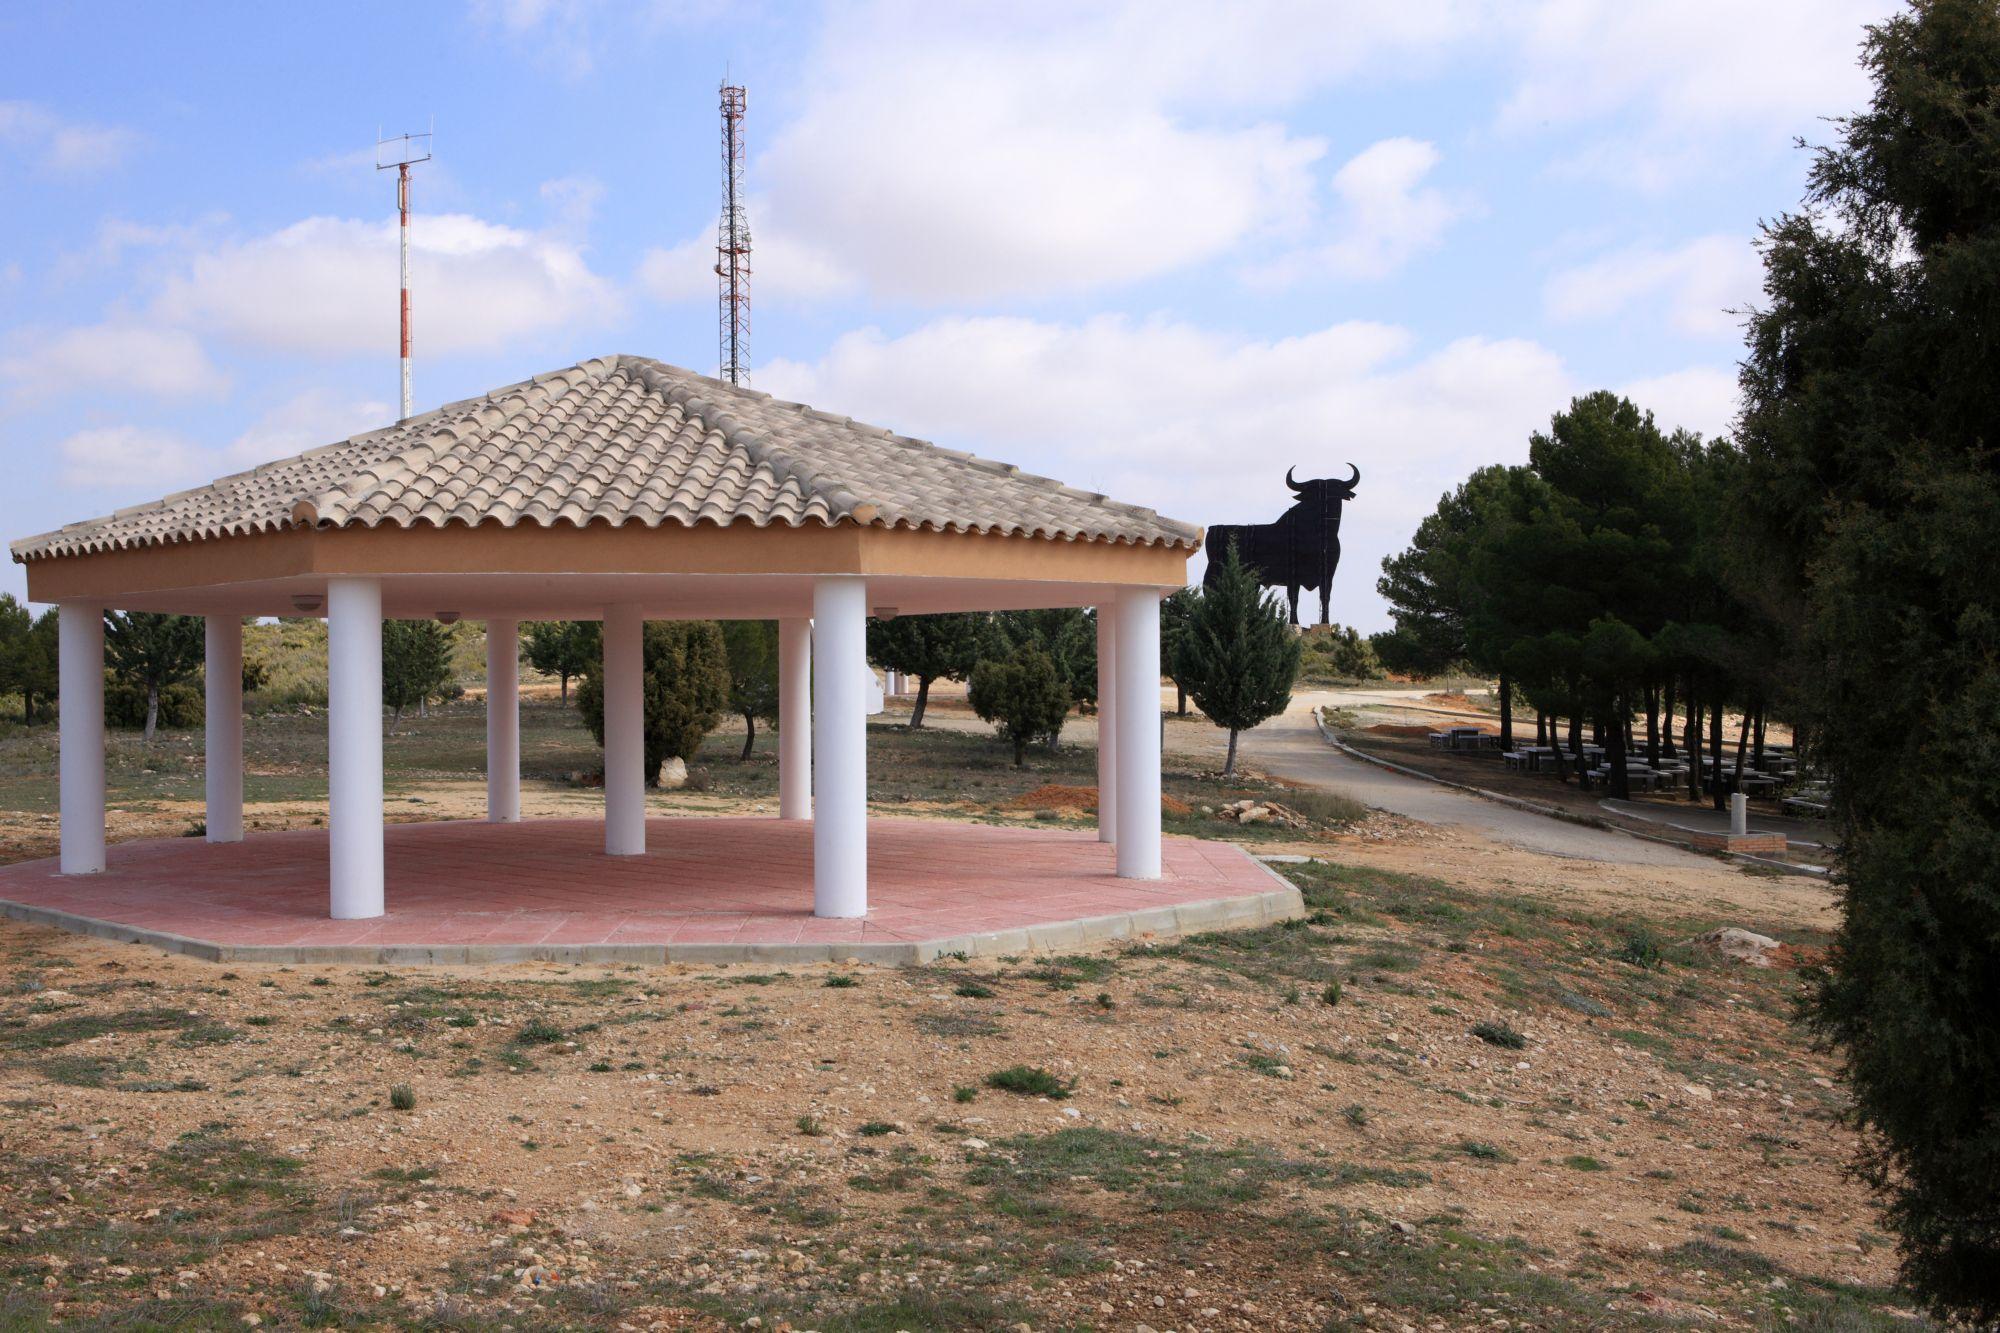 Villargordo del Cabriel construirá un depósito de agua potable para abastecer a todo el pueblo con 150.000 euros procedentes del SOM.